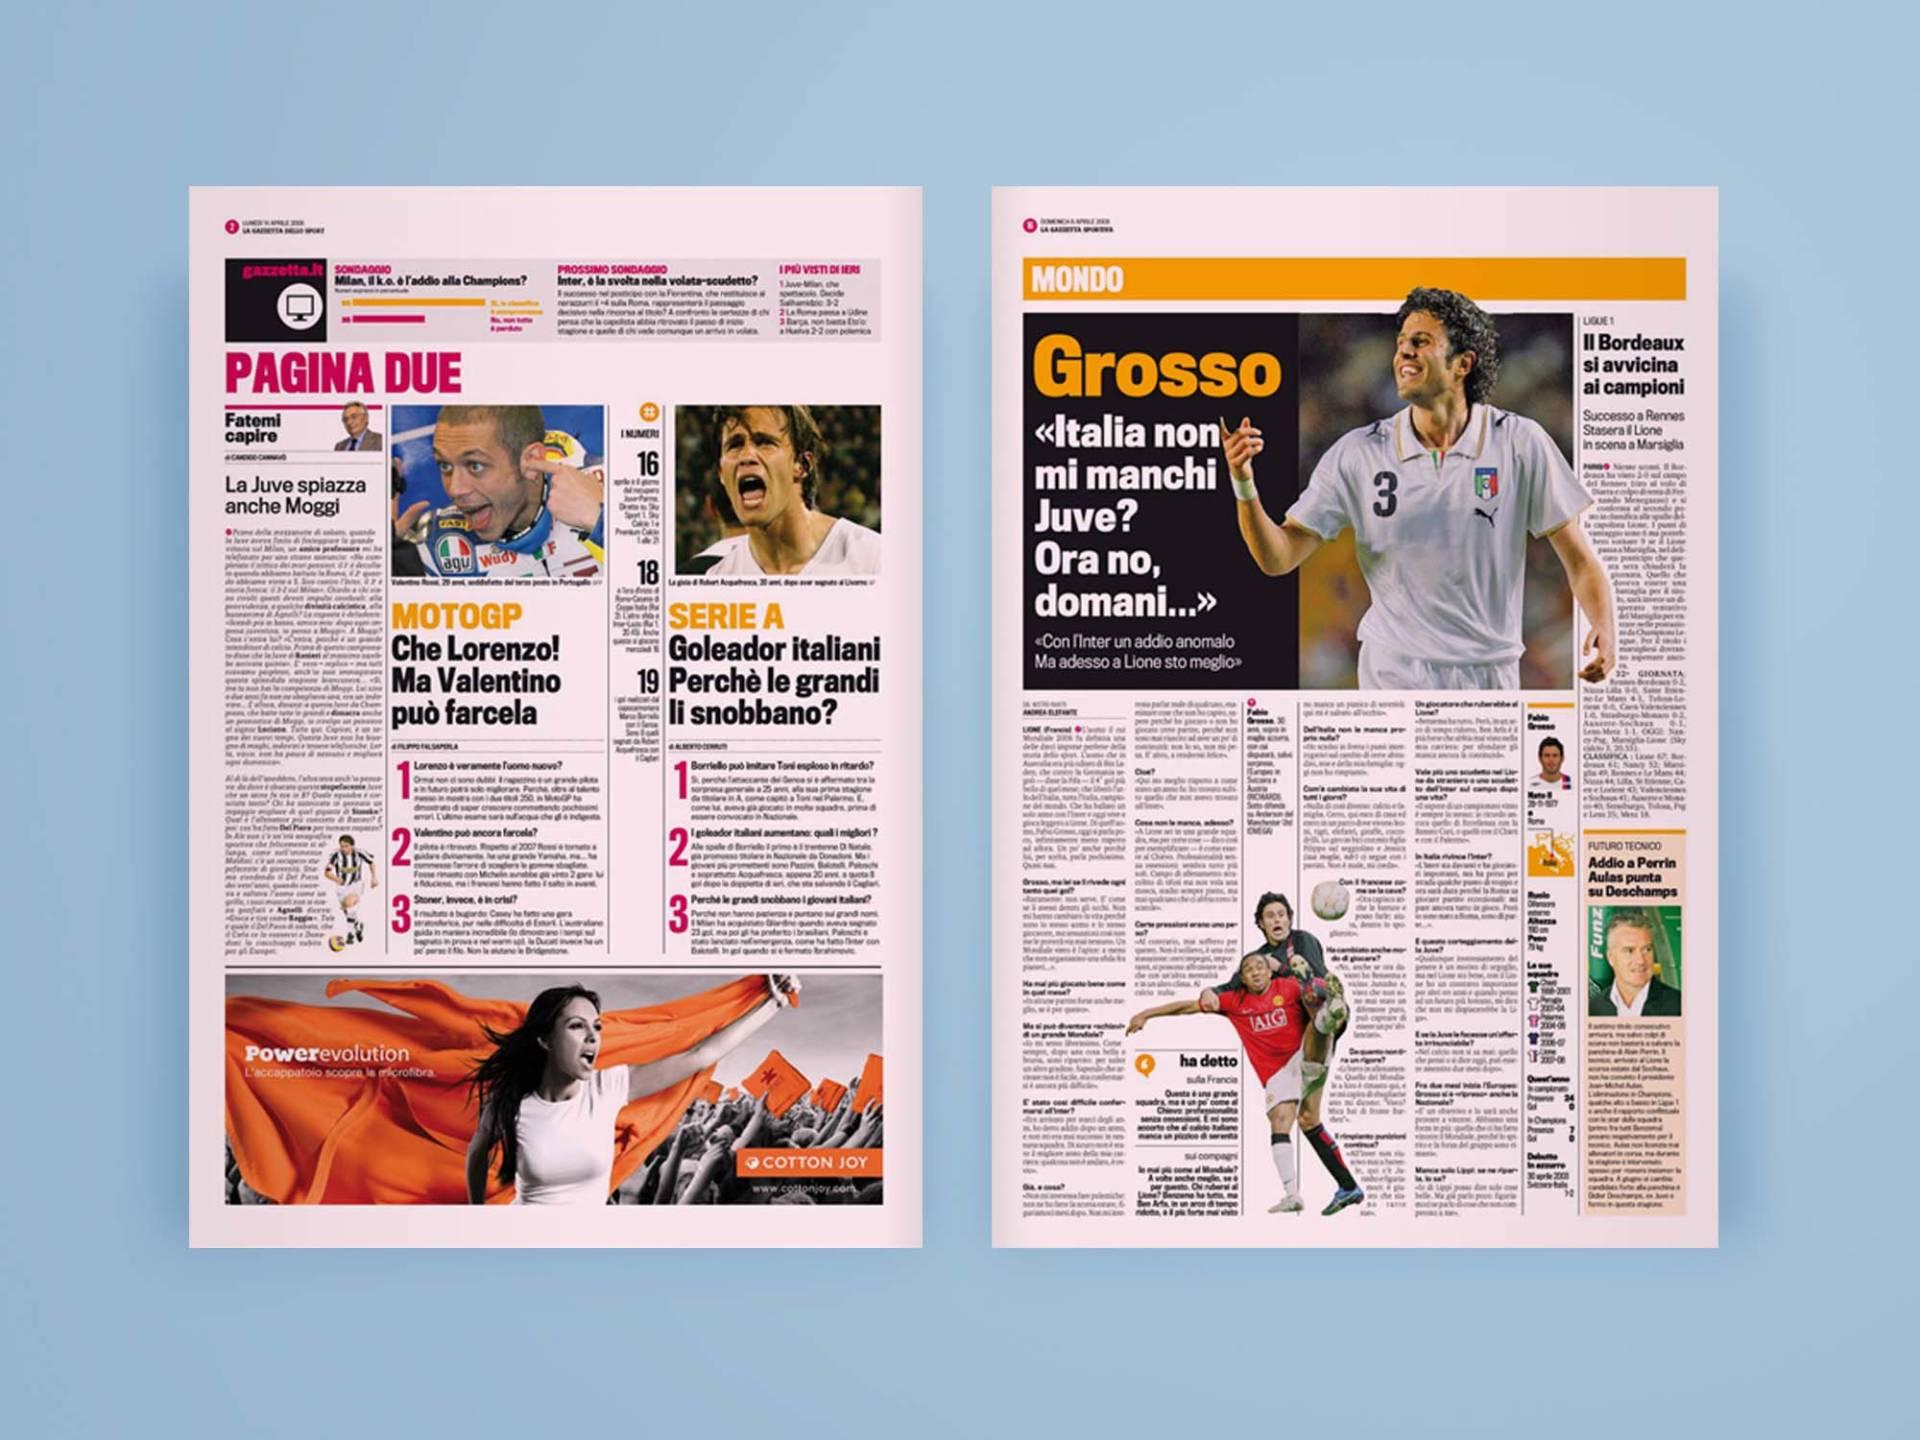 La_Gazzetta_Dello_Sport_05_Wenceslau_News_Design